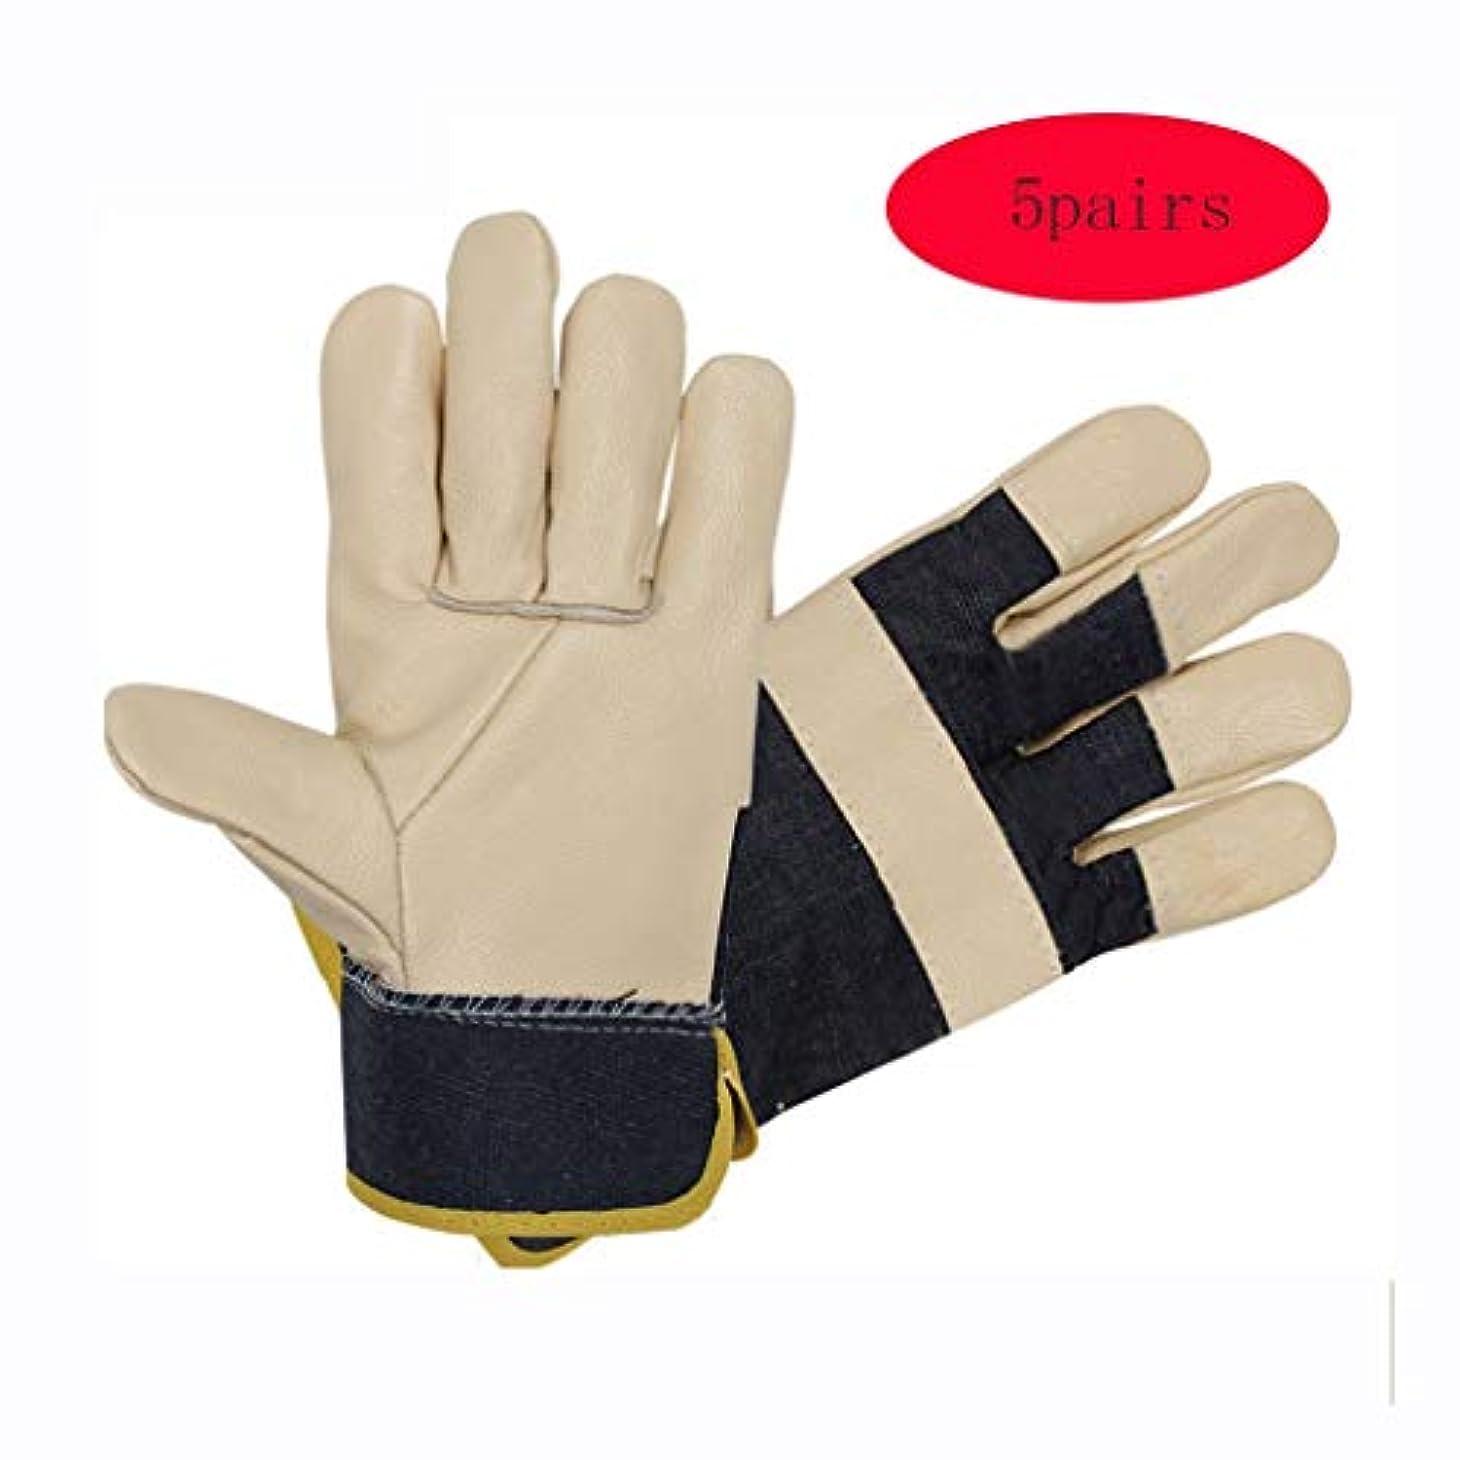 ライム流産佐賀QCRLB 溶接手袋溶接手袋労働保護手袋/ 25cm×12.5cm / 5ペア ゴム手袋